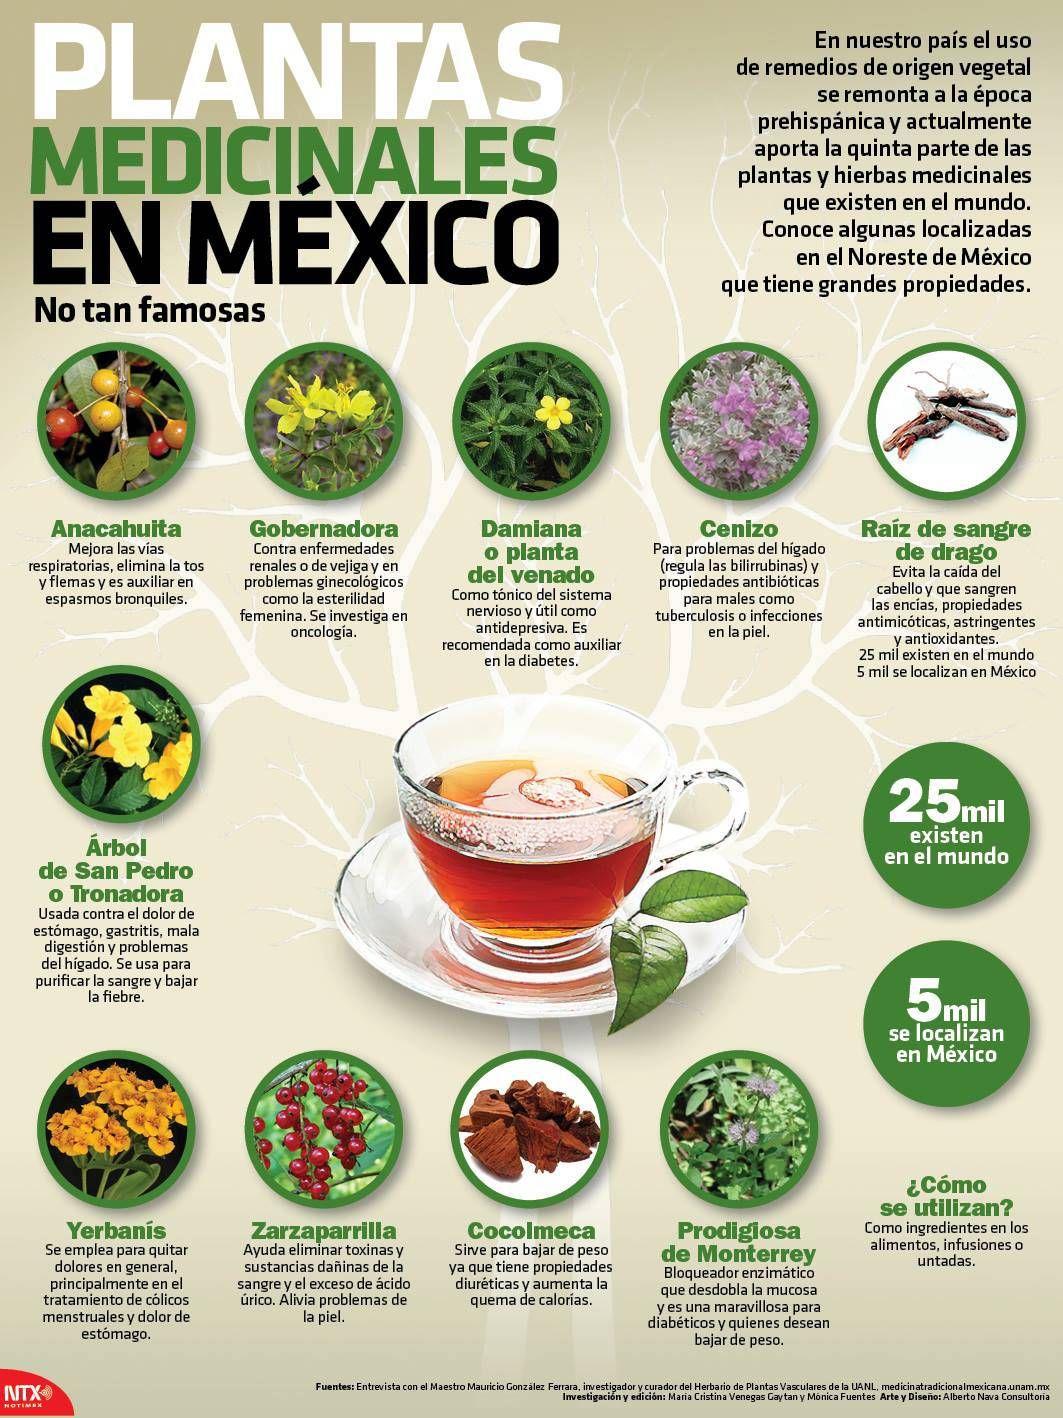 Infografia 10 Plantas Medicinales En Mexico No Tan Famosas